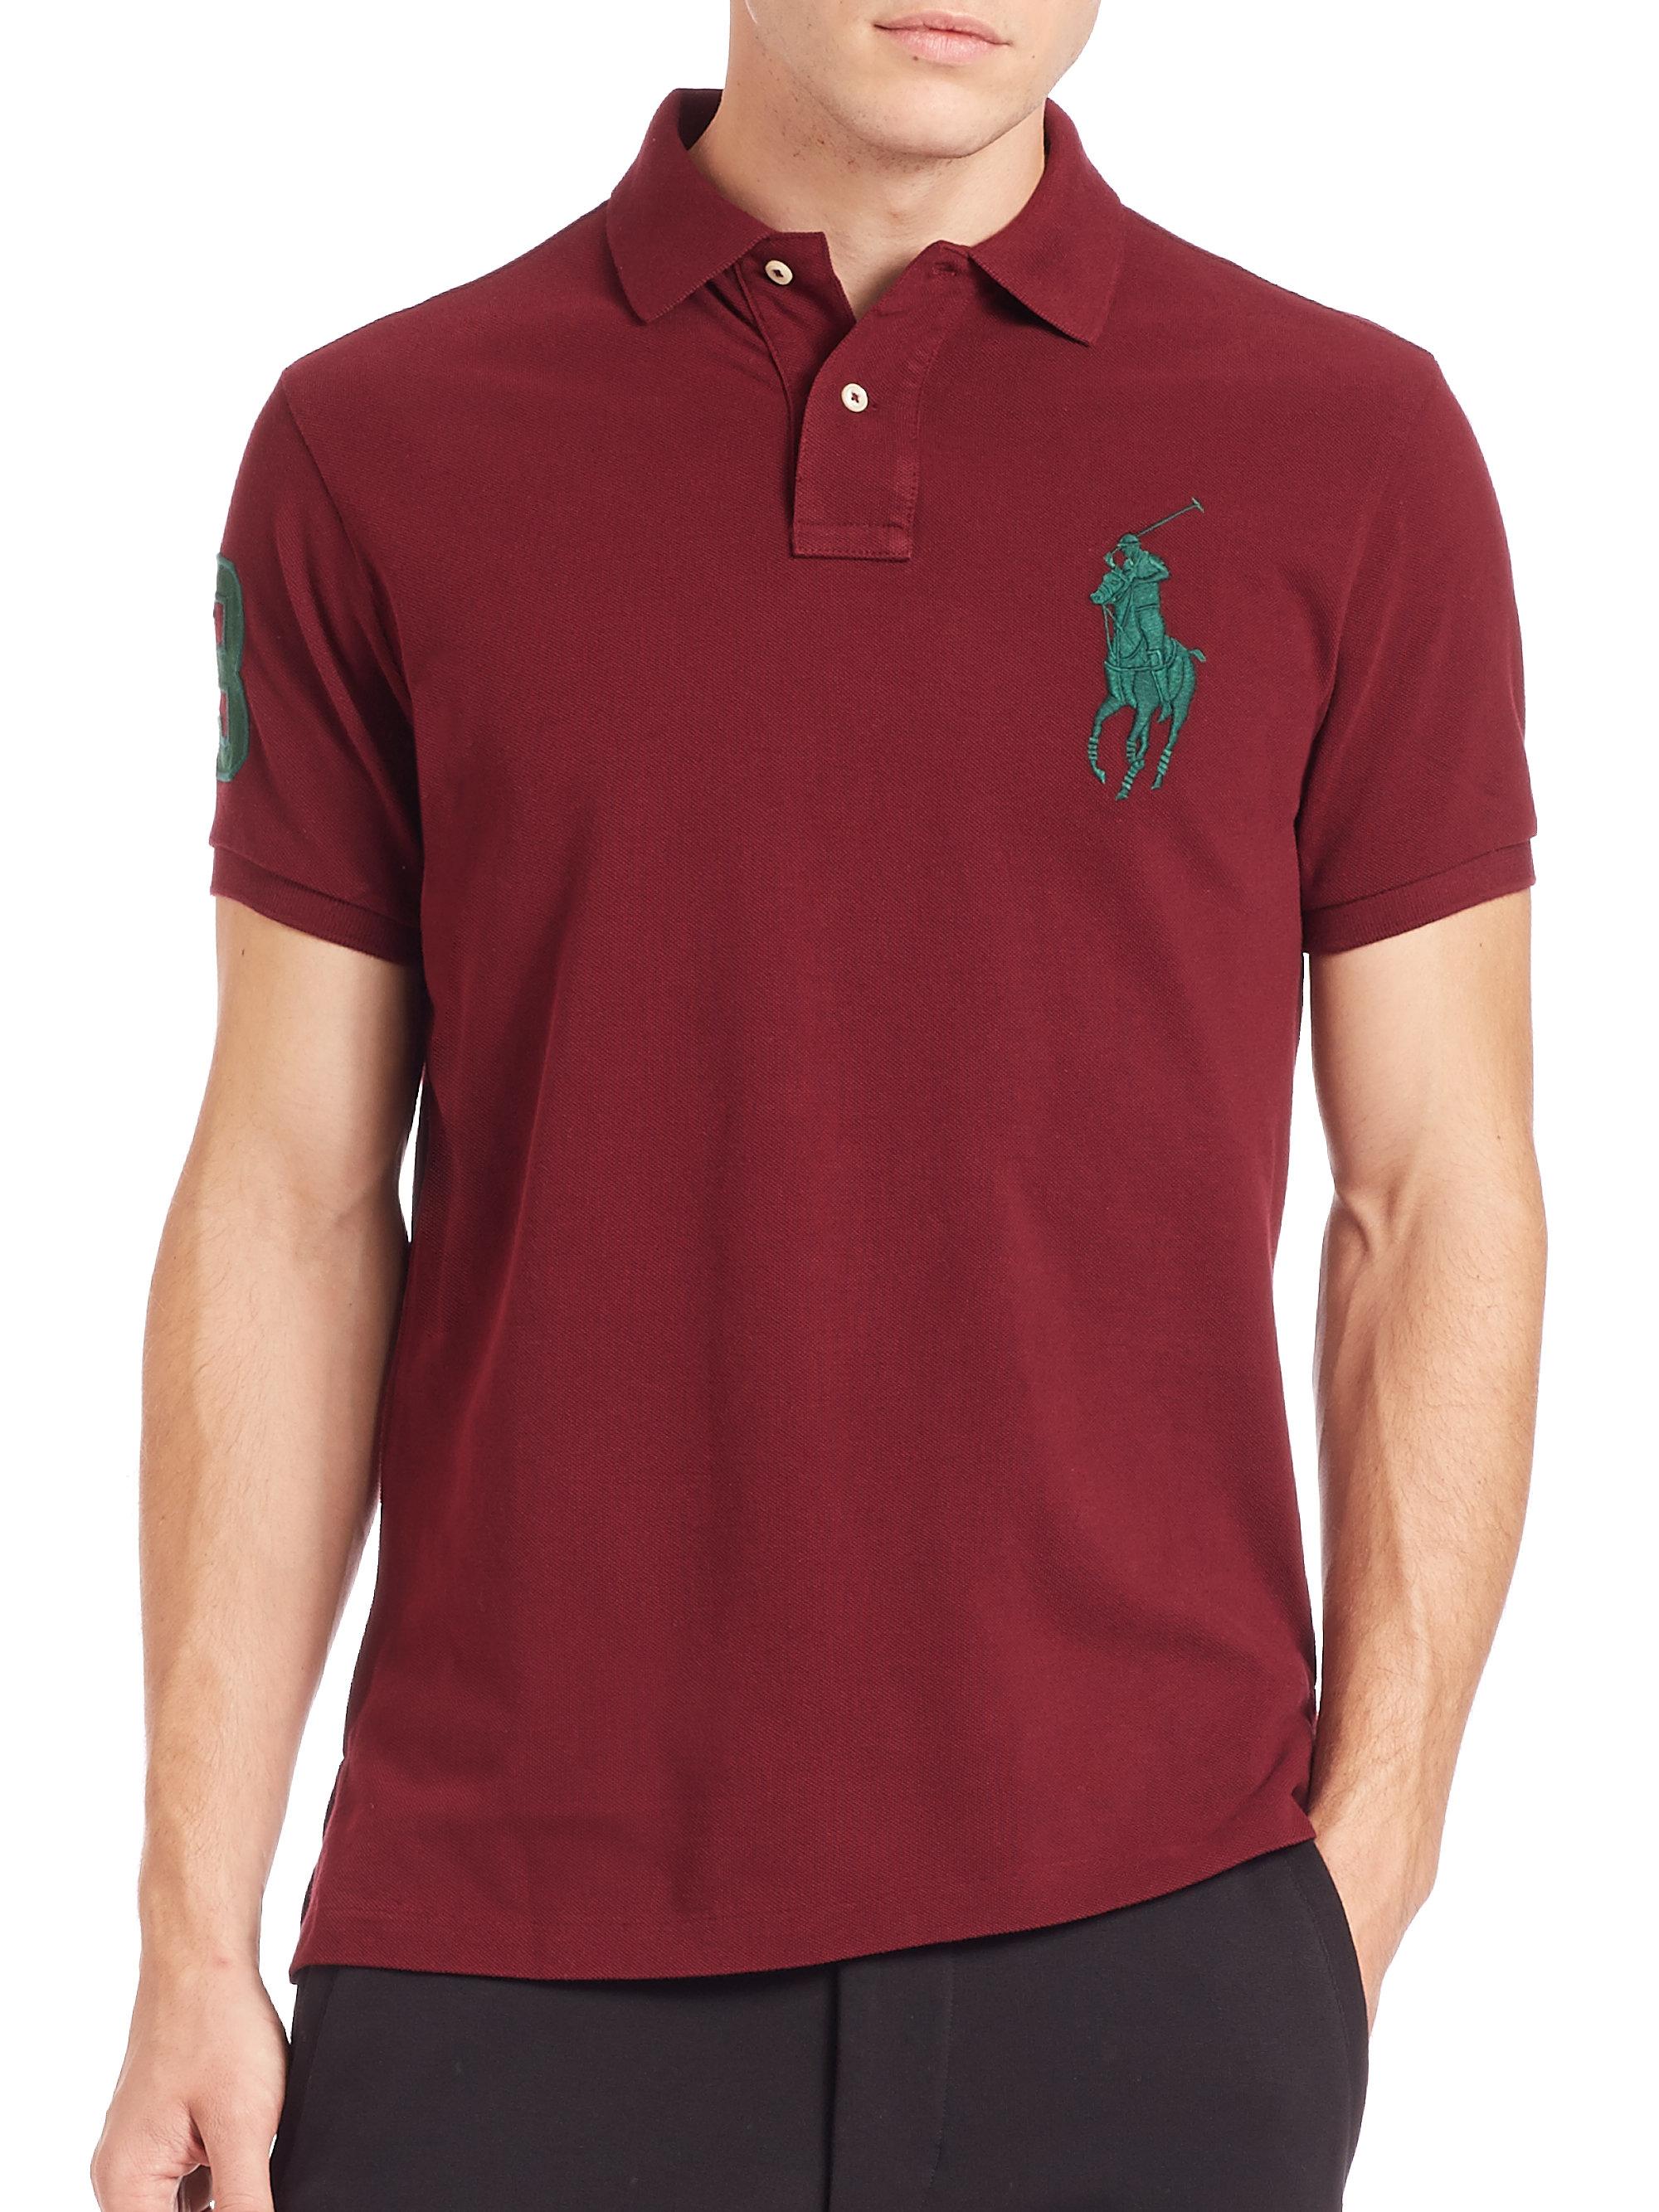 Cheap Womens Ralph Lauren Shirts